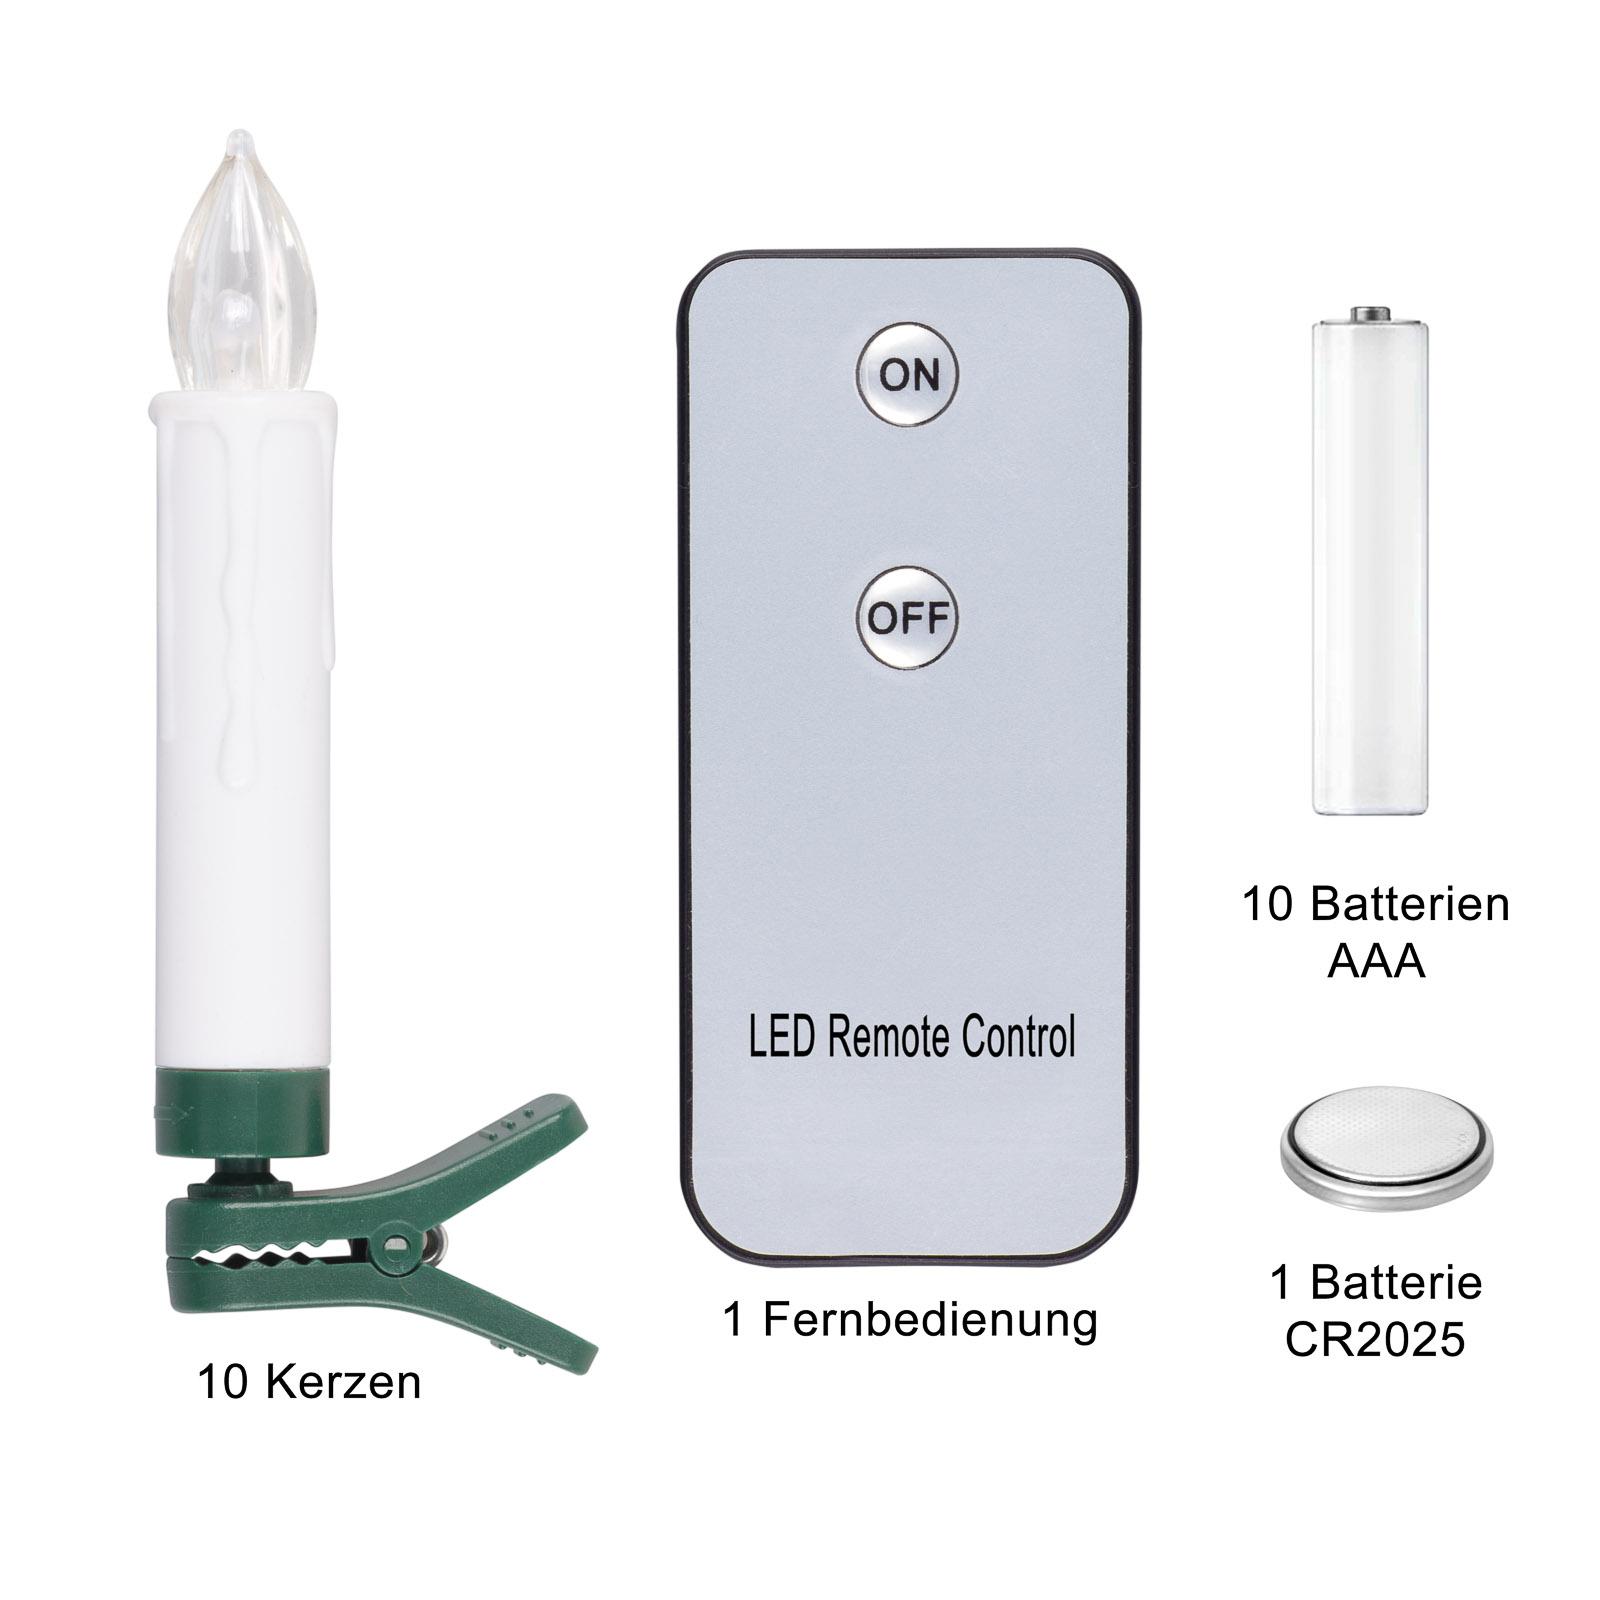 ledkerzenAB_3 Wunderschöne Led Lichterkette Kabellos Mit Fernbedienung Dekorationen